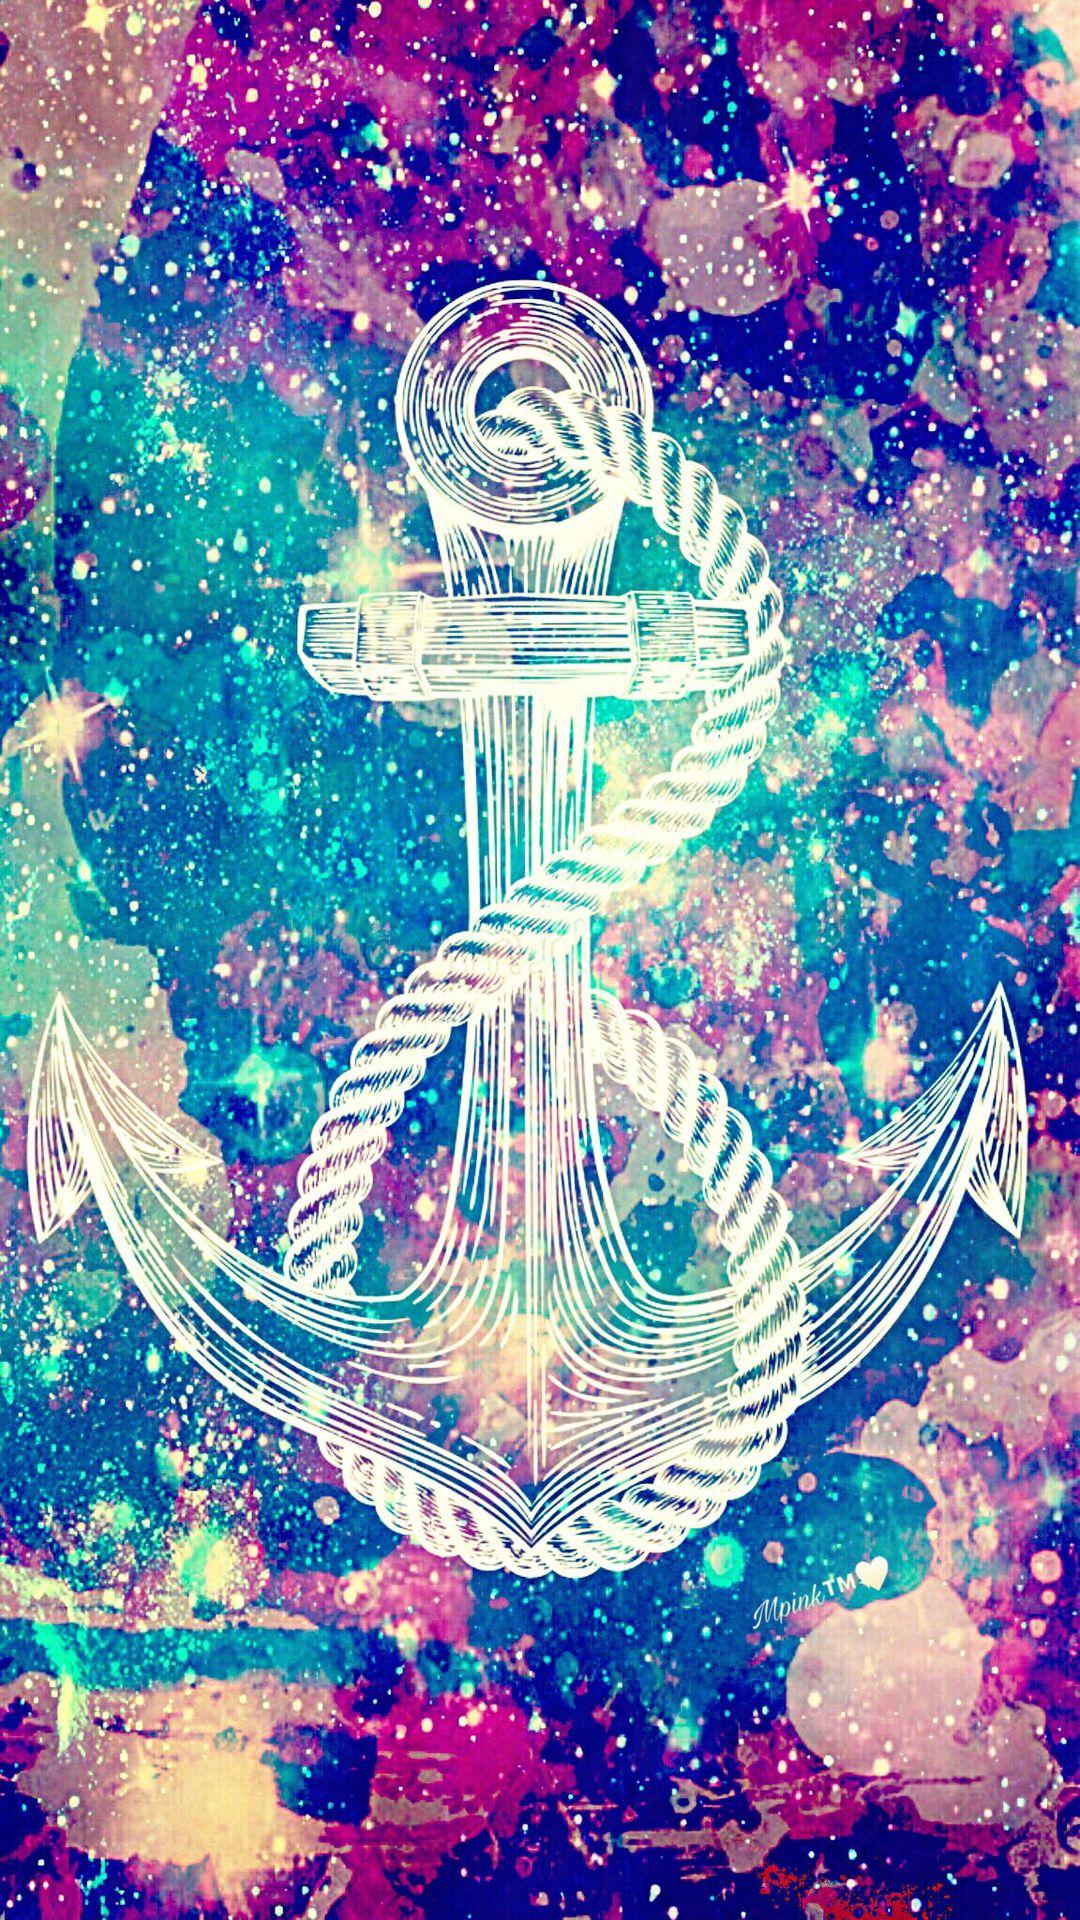 Glass Anchor Galaxy Wallpaper Androidwallpaper Iphonewallpaper Wallpaper Galaxy Sparkle Glitter Loc Anchor Wallpaper Nautical Wallpaper Galaxy Wallpaper